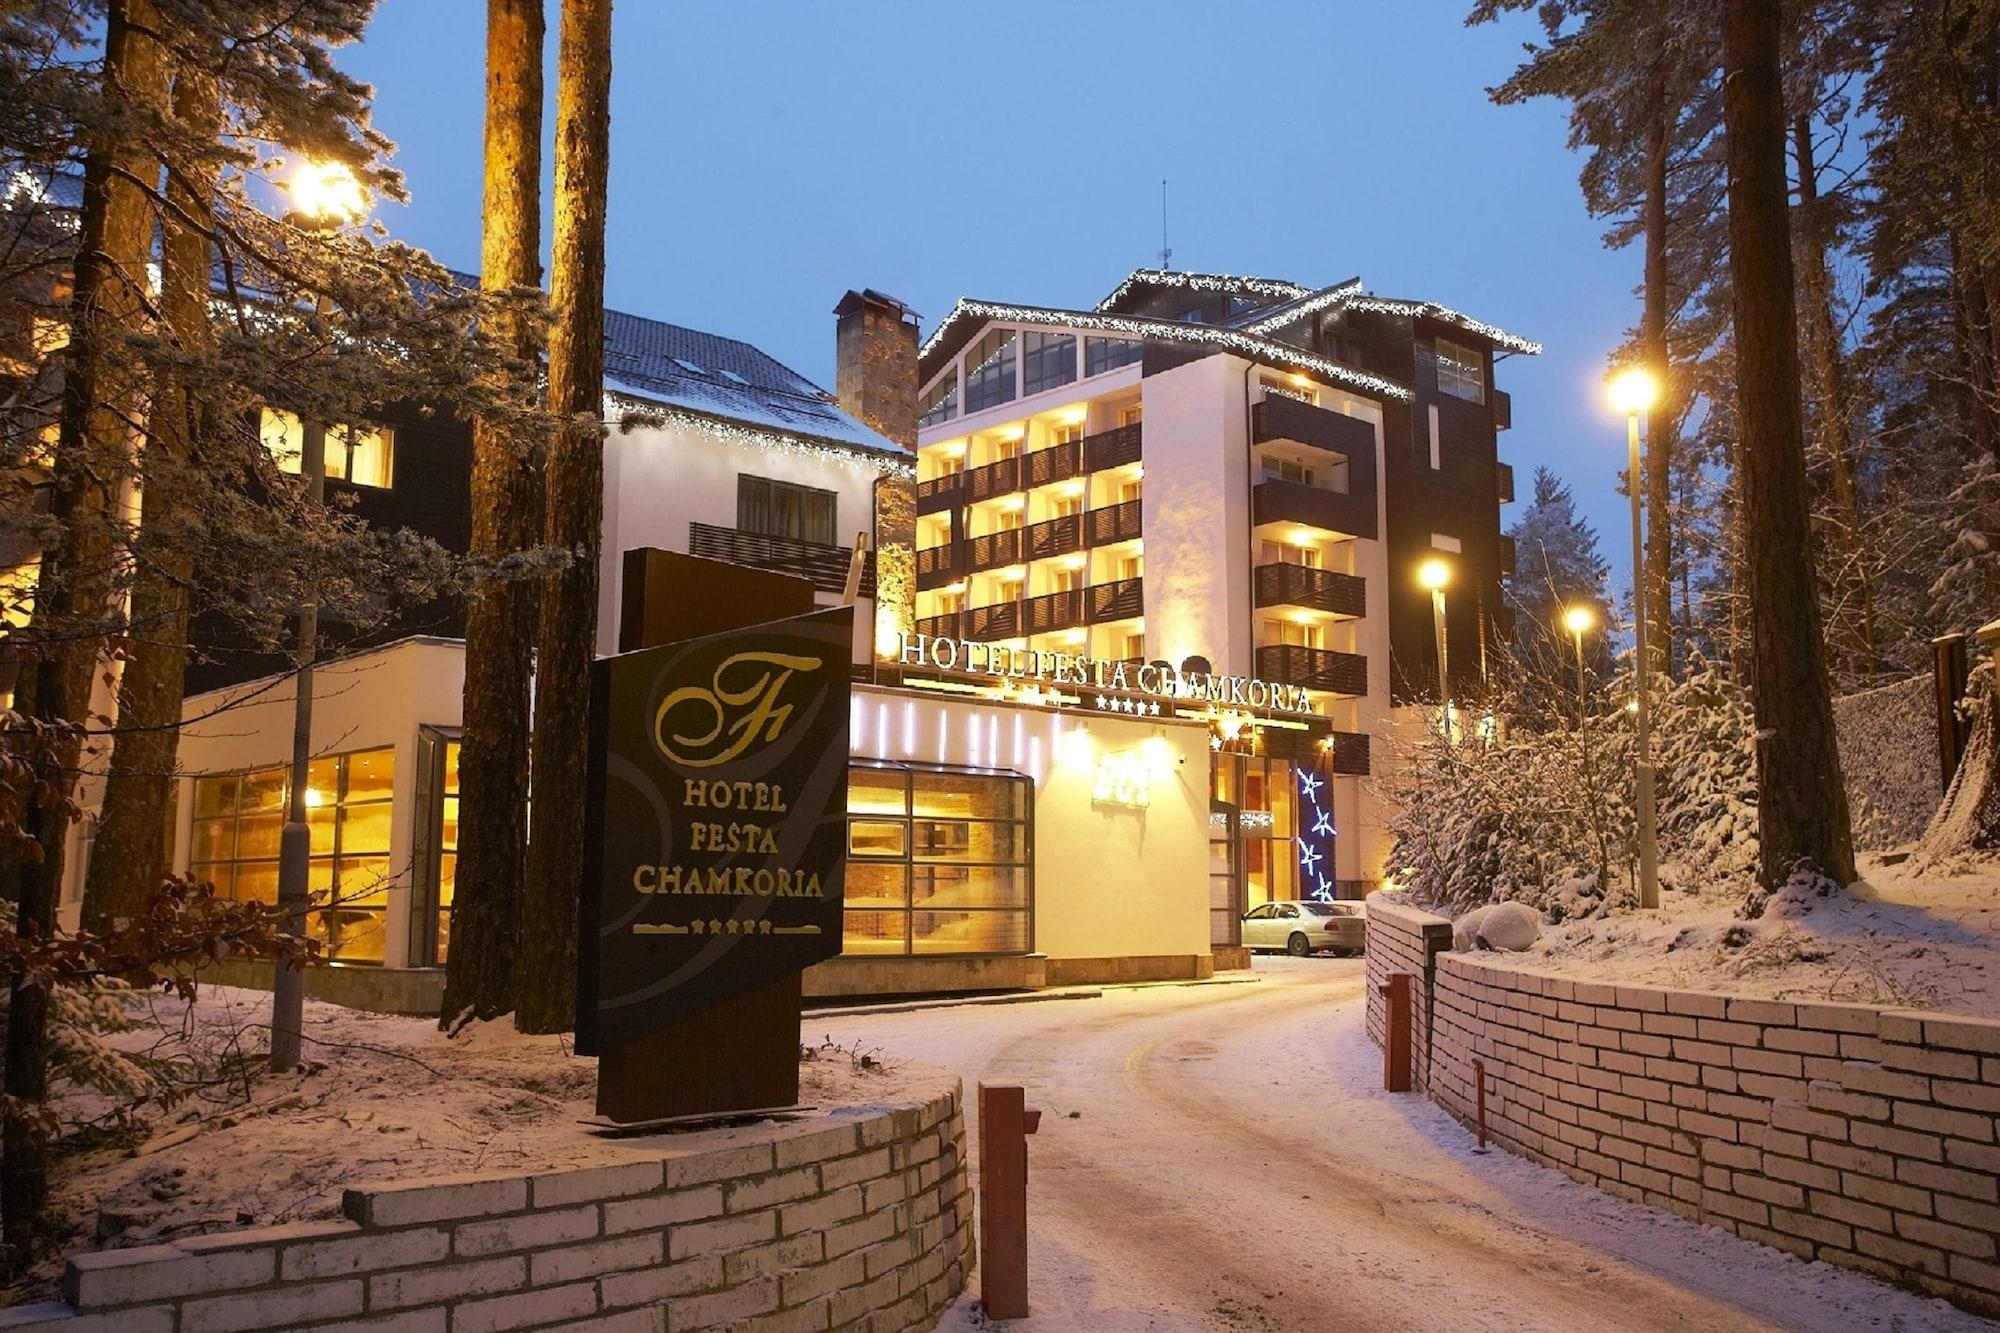 Hotel Festa Chamkoria, Samokov